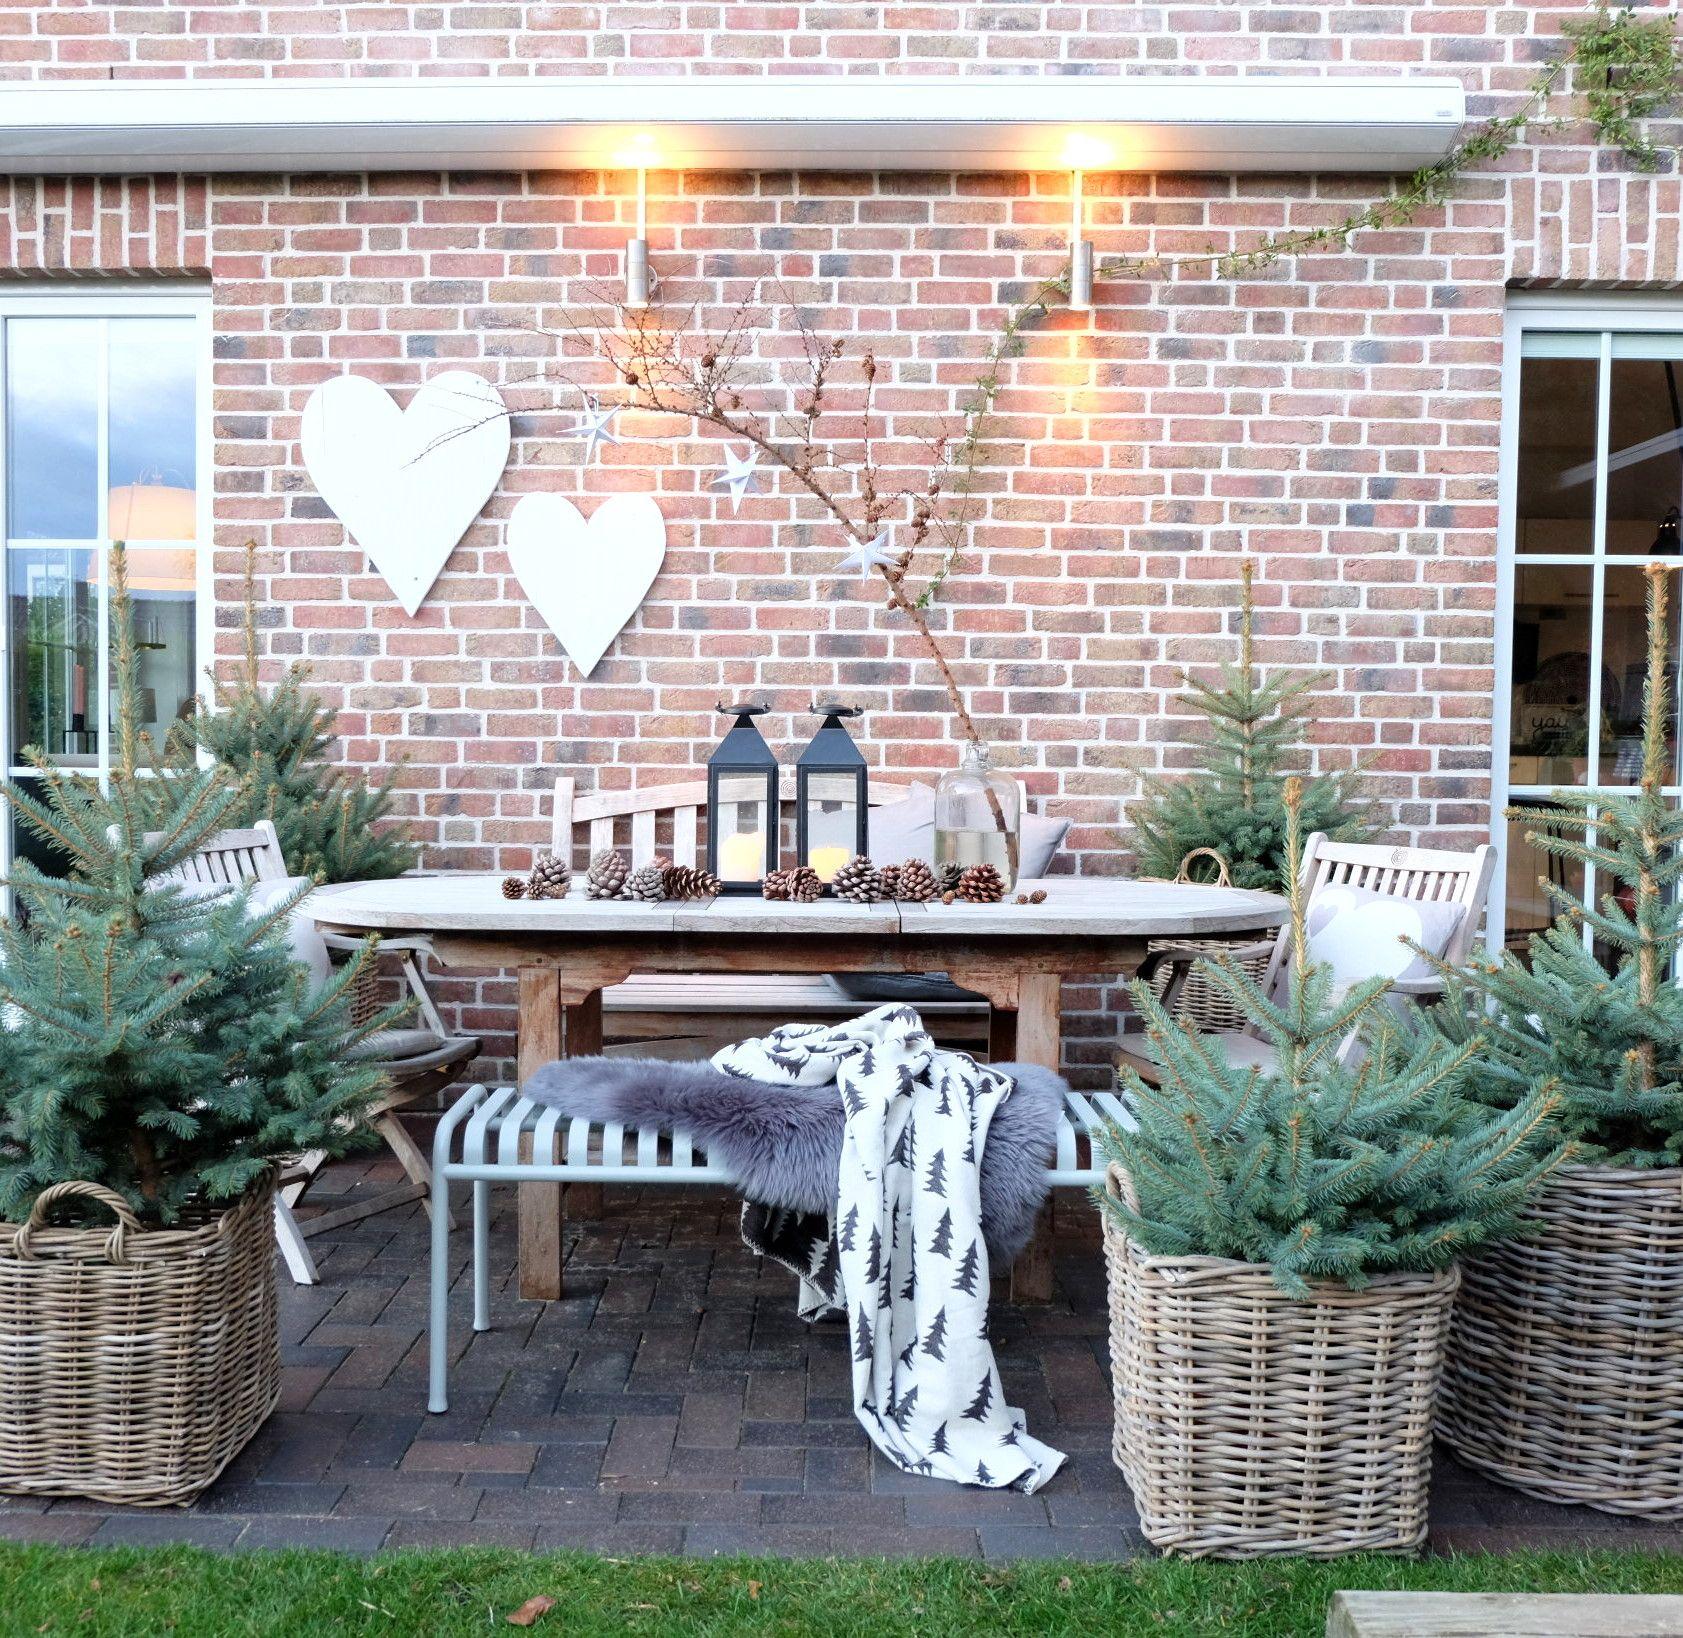 Winterlich Dekorieren Im Garten Unser Garten Wird Winterfest Diy Gartendekoration Winterfest Winterfest Machen